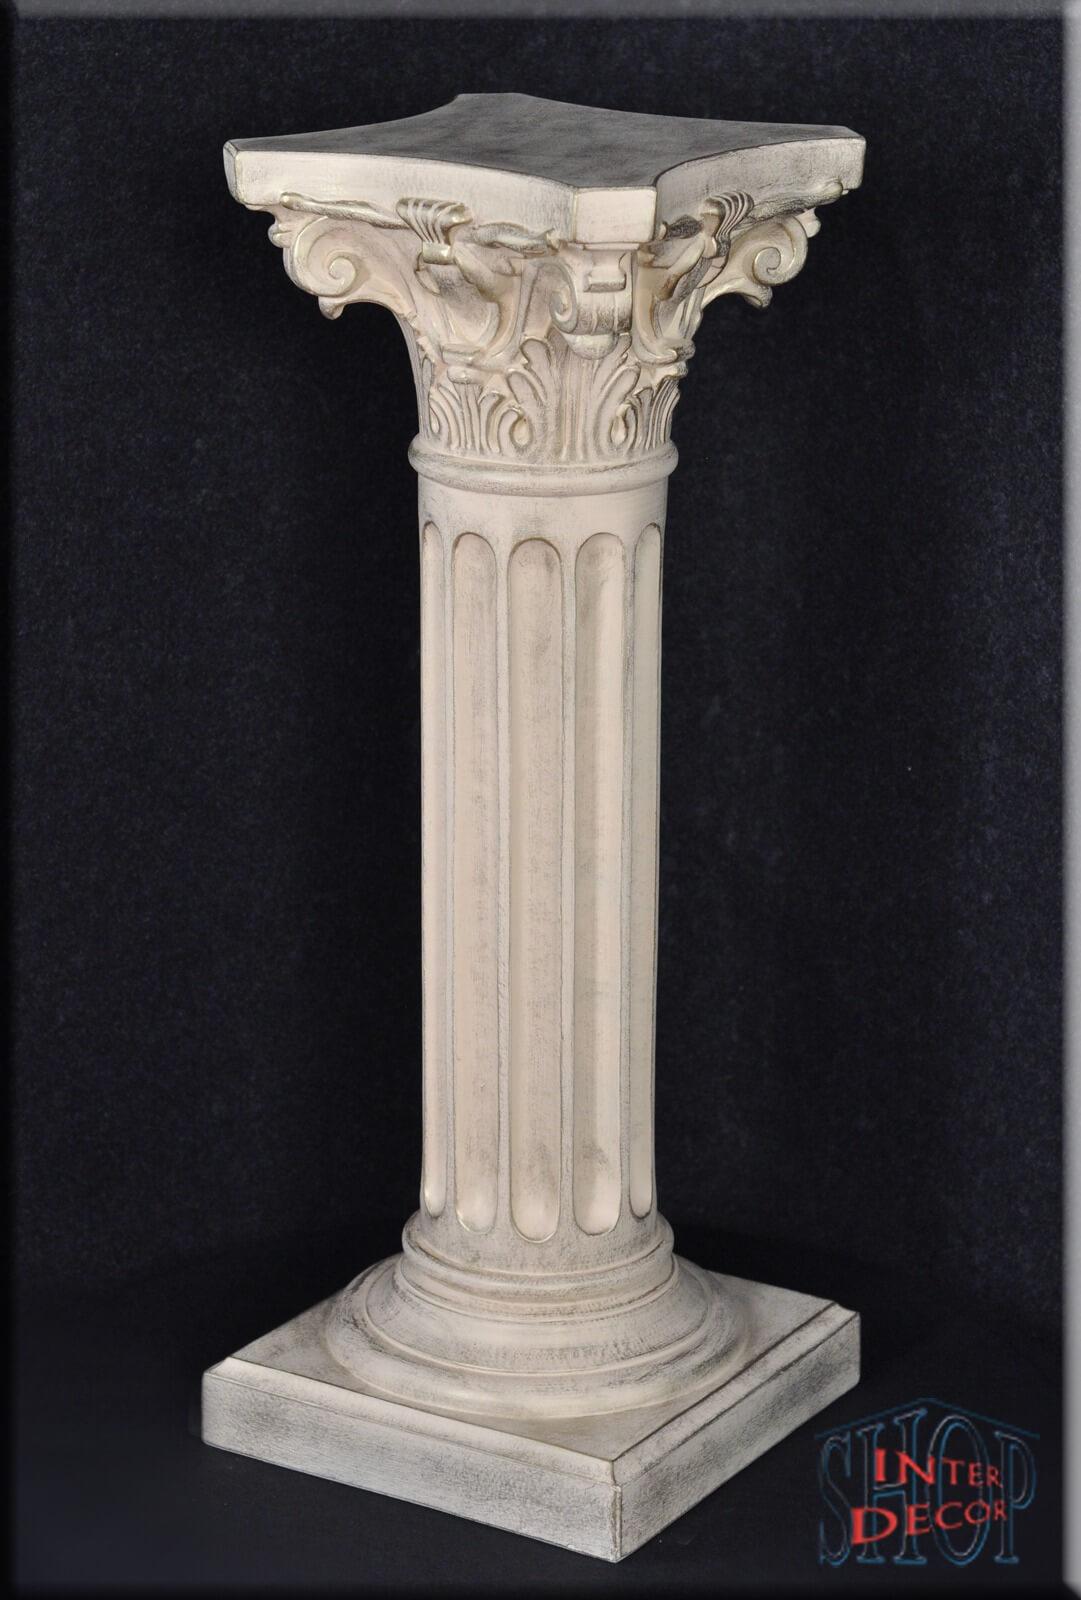 Säule Blumensäule Dekosäule Antik Griechische Säulen Sockel Ständer Podest  8 G Stuckgips